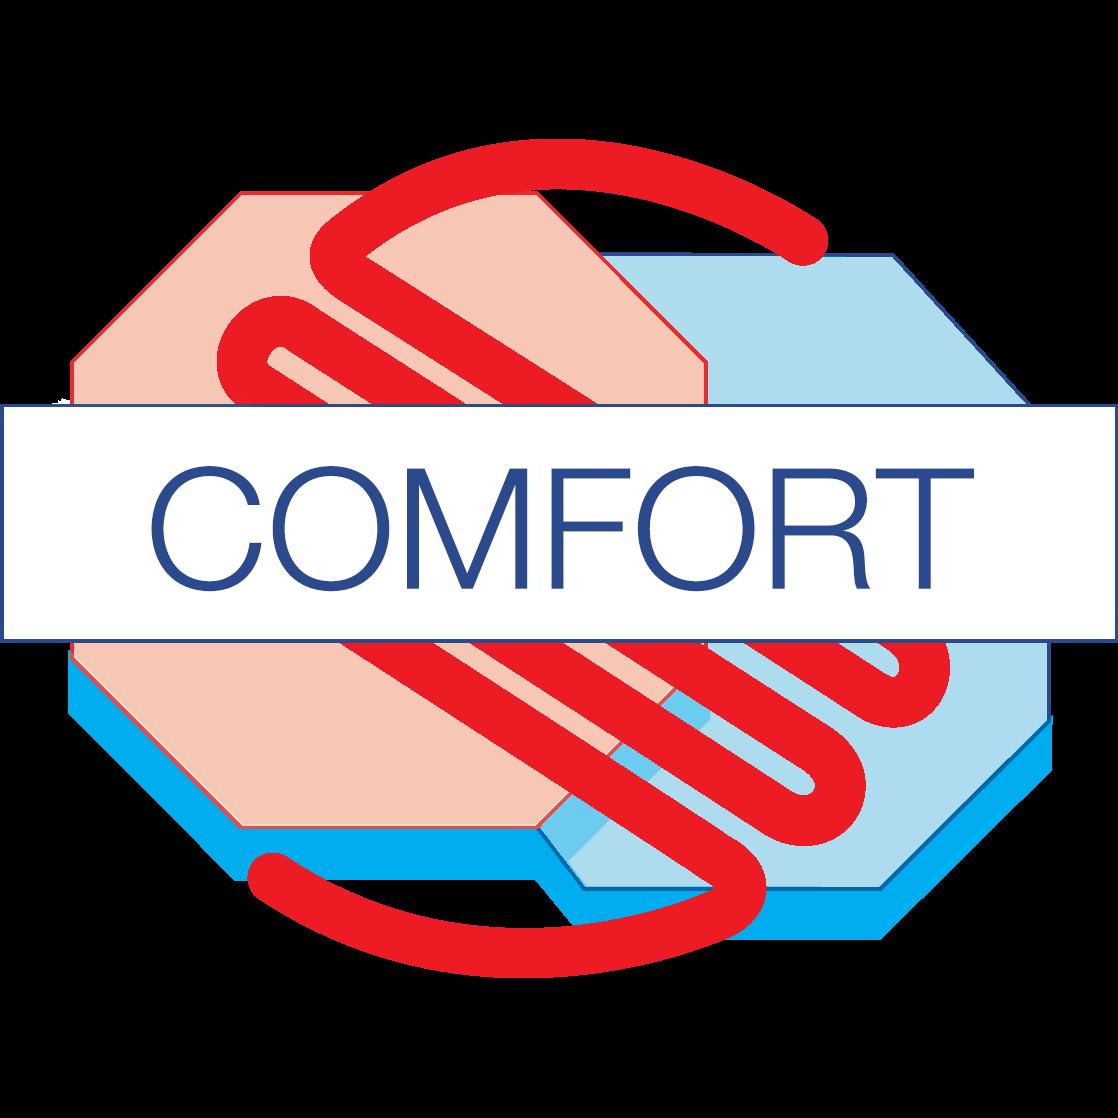 Vloerverwarming op netten | Vloerverwarmingssysteem Comfort